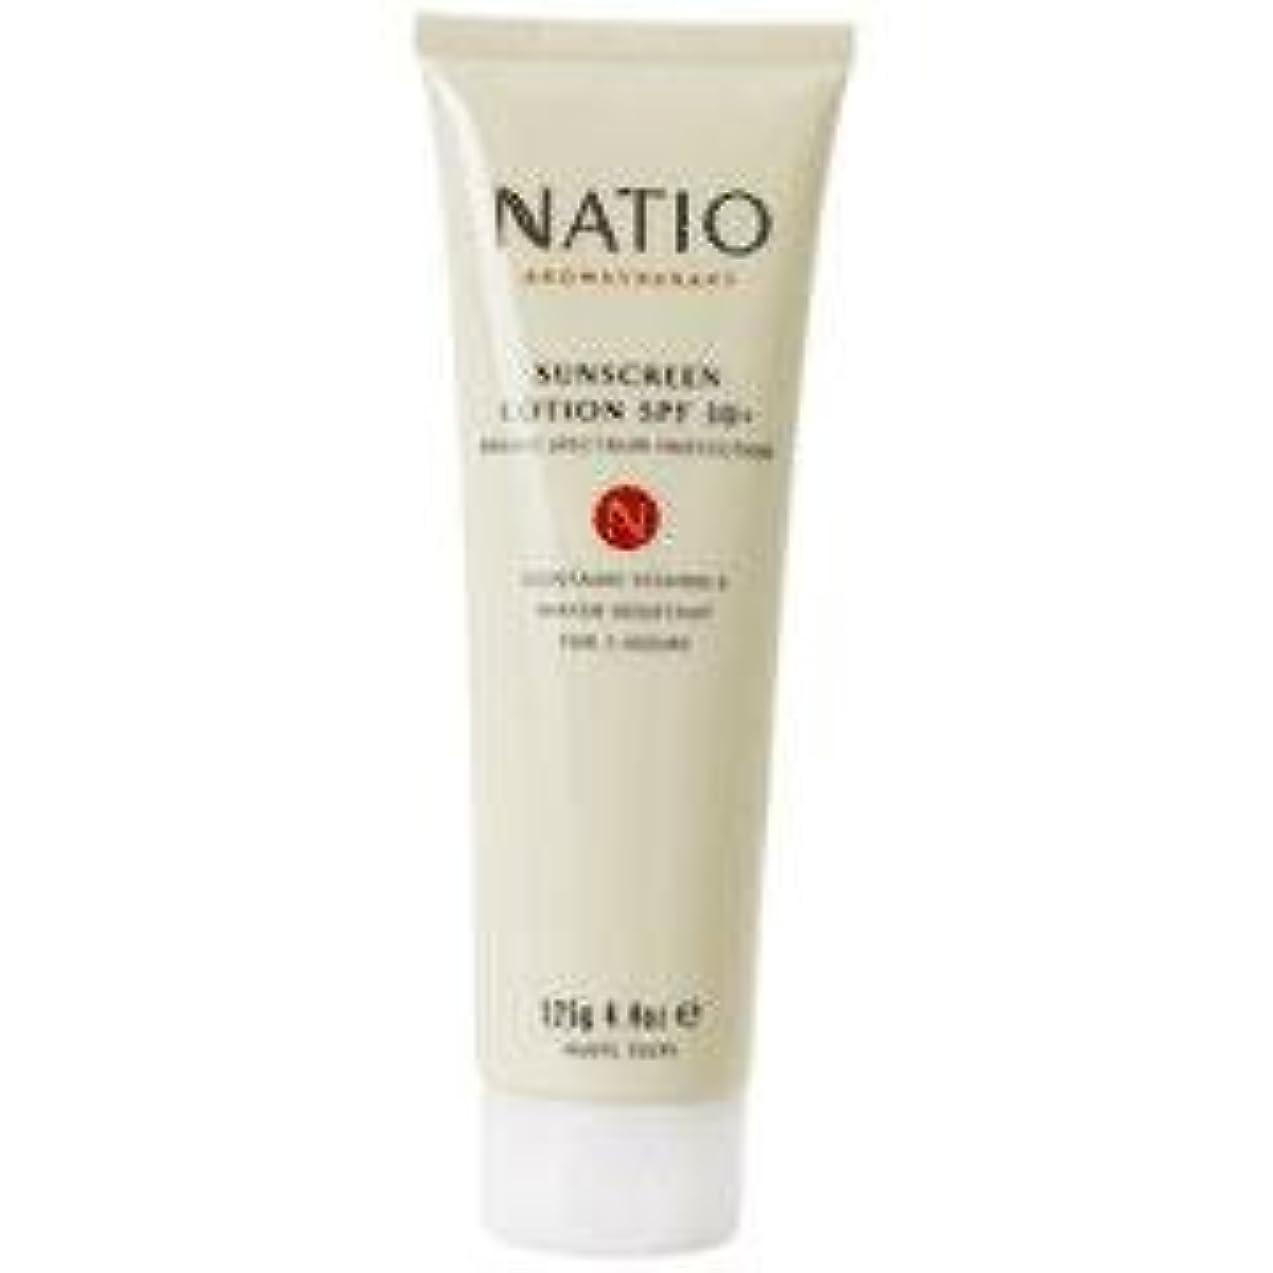 乳白色宿泊施設反毒【NATIO Aromatherapy Sunscreen Lotion SPF30+】 ナティオ  日焼け止めクリーム SPF30+ [海外直送品]